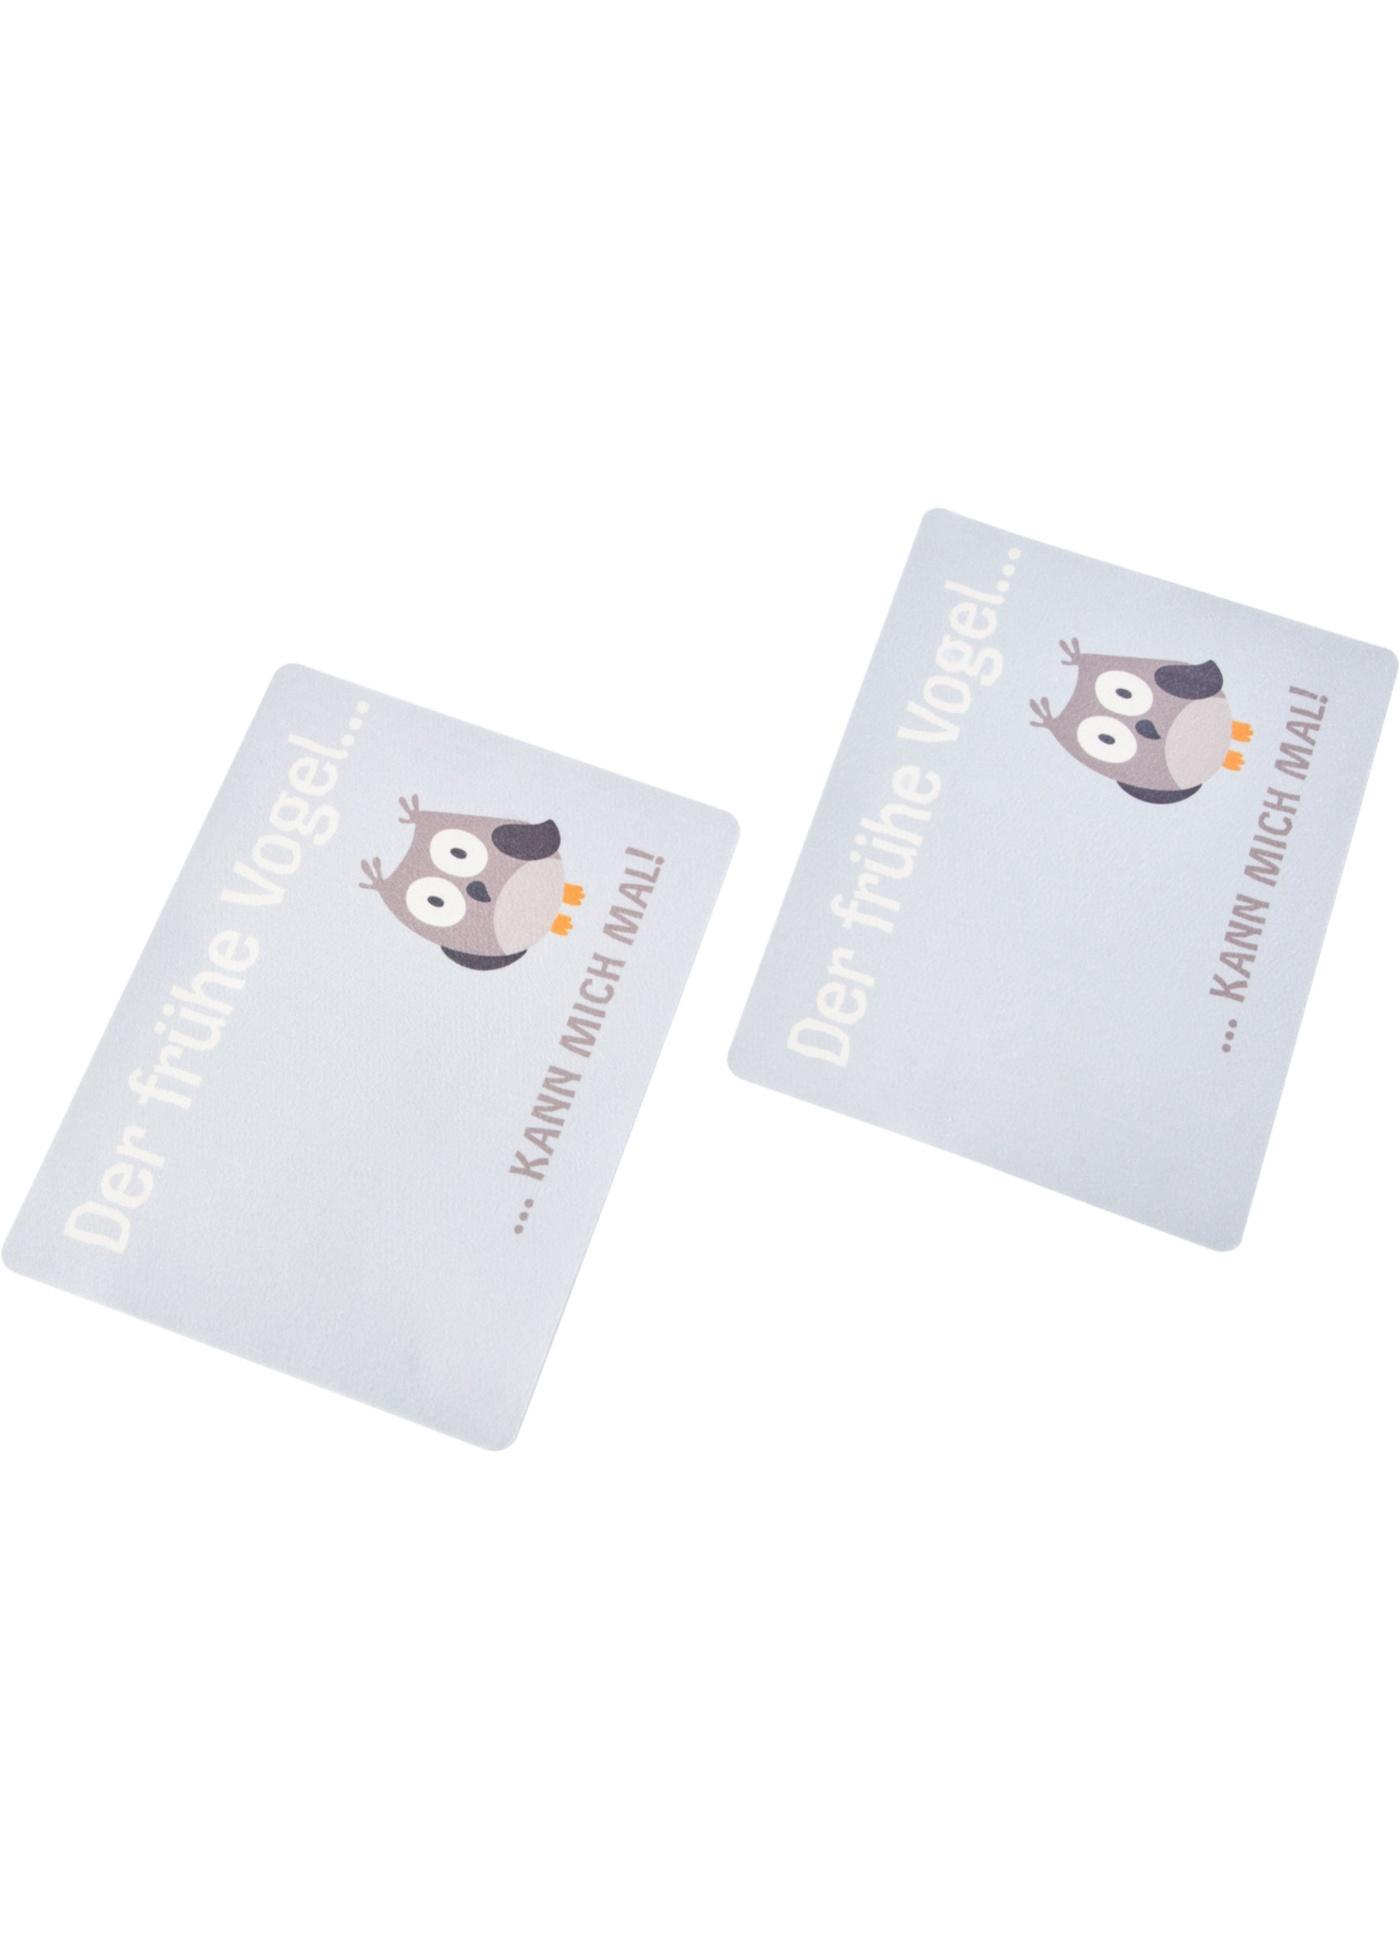 Bonprix SE - Tabletter Uggla med texttryck (2-pack) 89.00